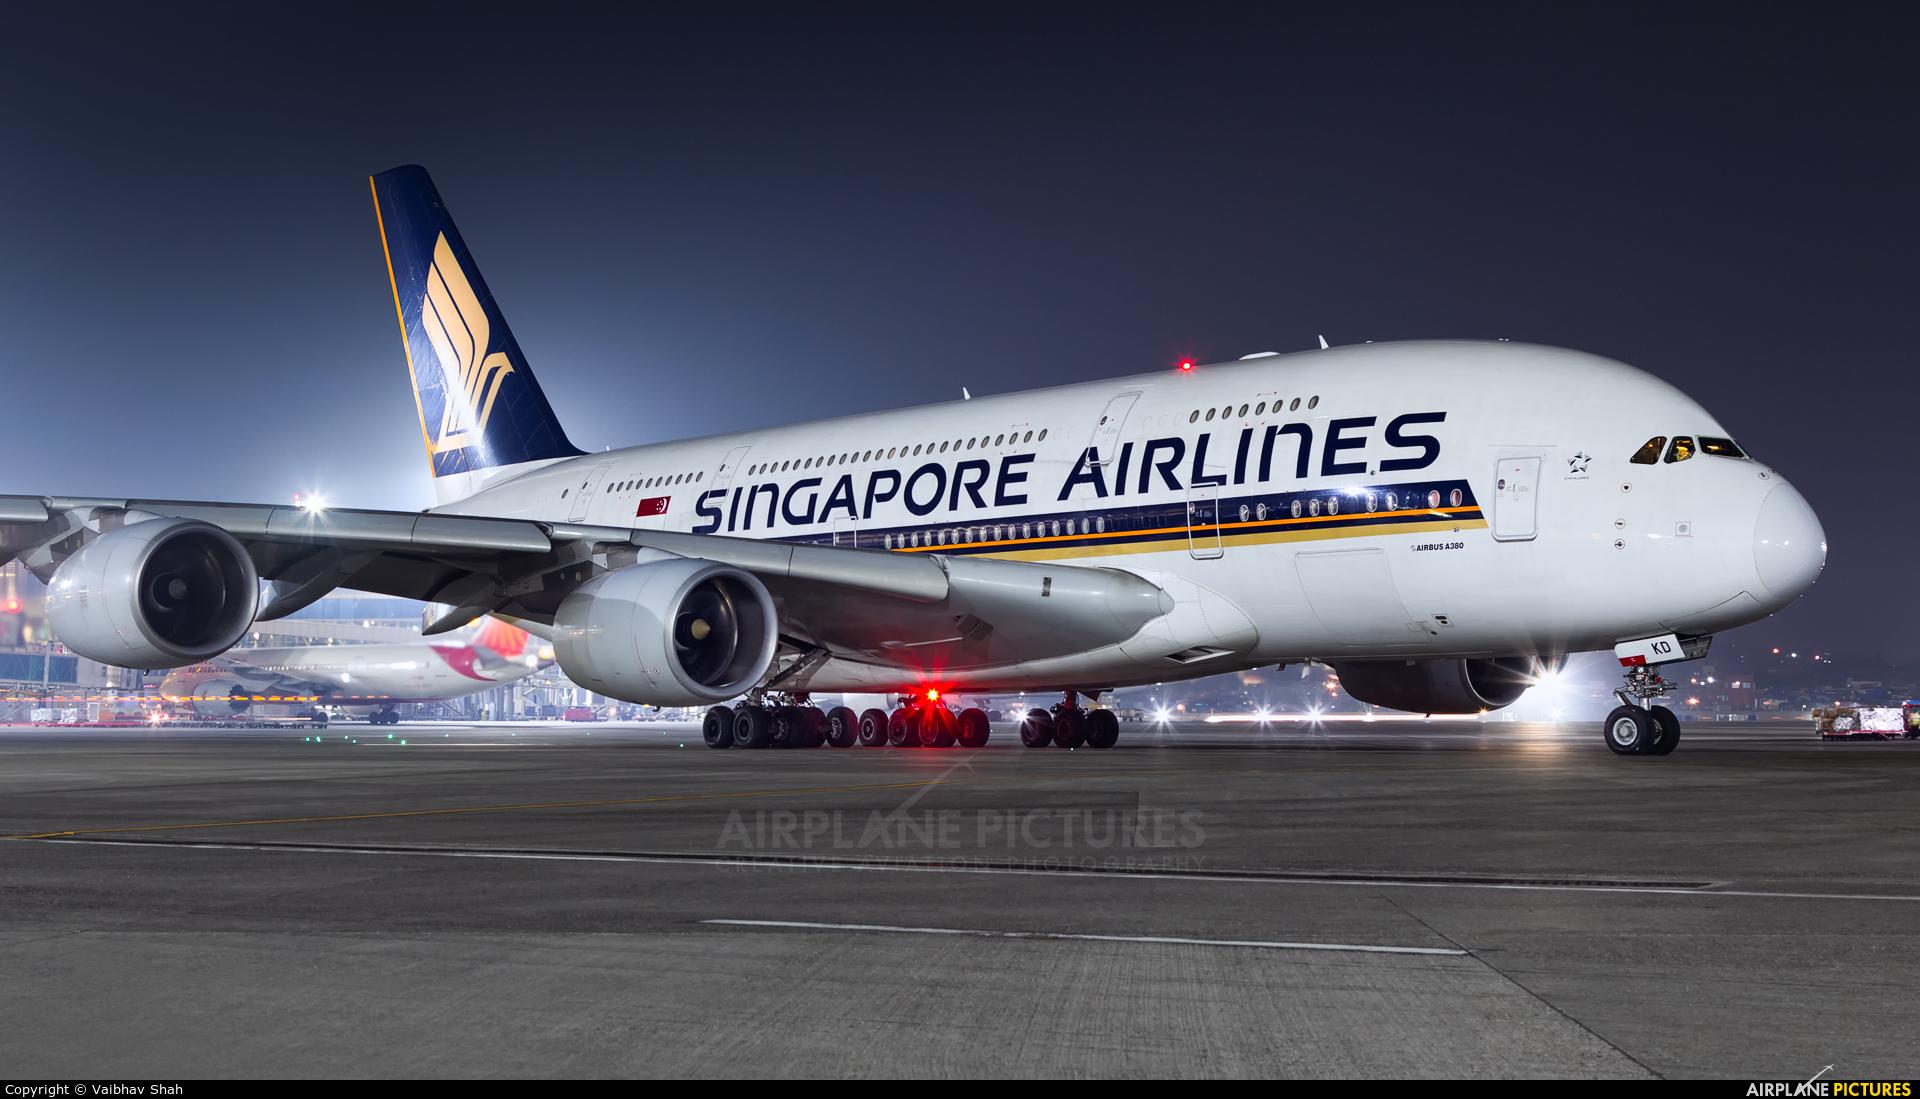 Singapore Airlines 9V-SKD aircraft at Mumbai - Chhatrapati Shivaji Intl